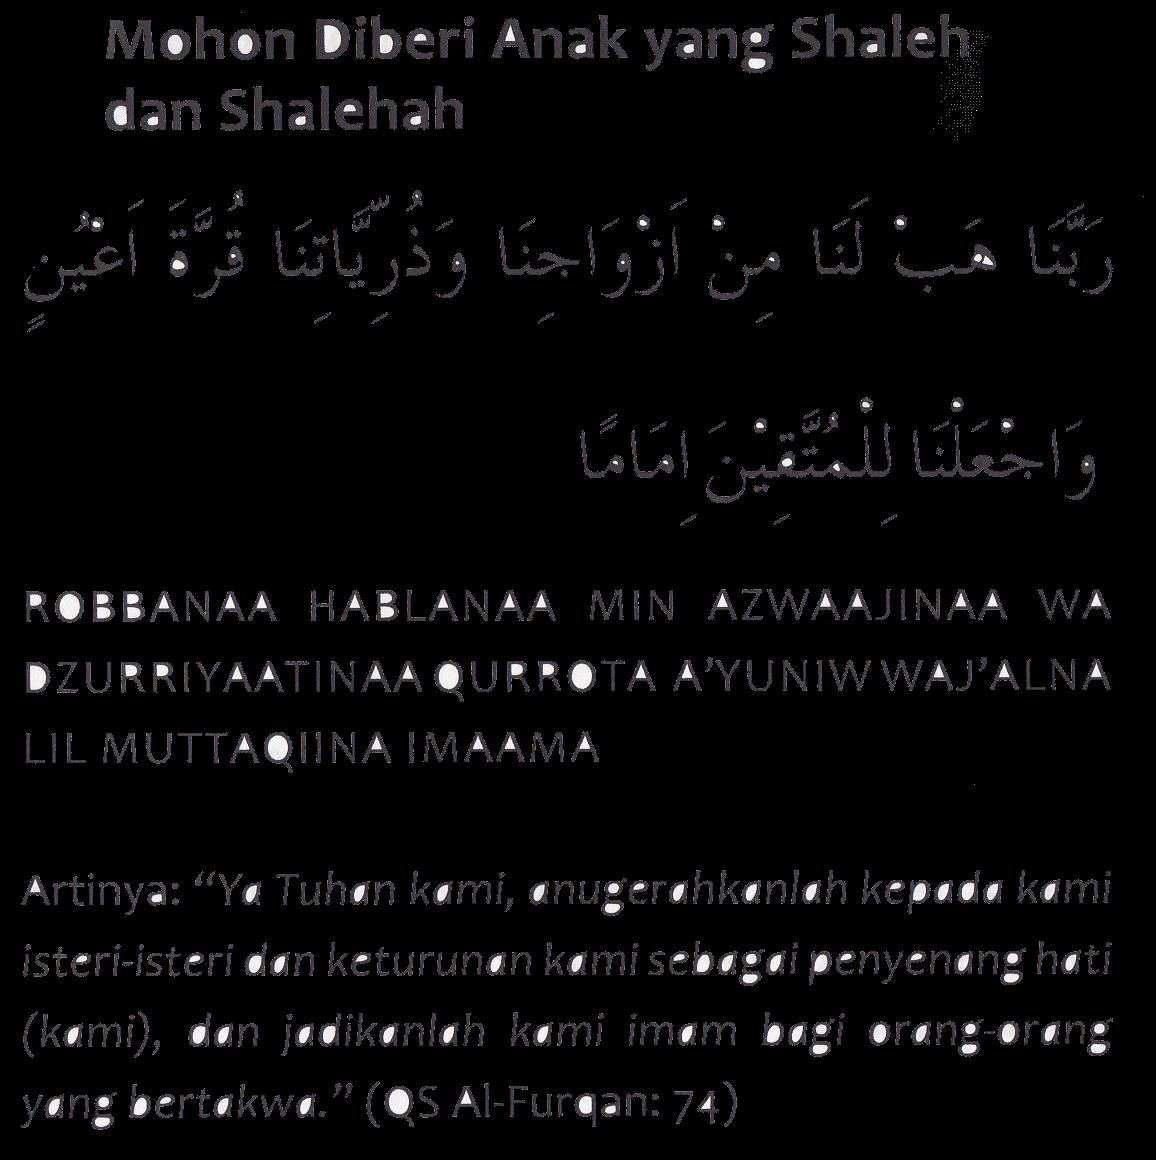 penjaga qur 39 an doa mohon diberi anak yang sholeh dan sholehah